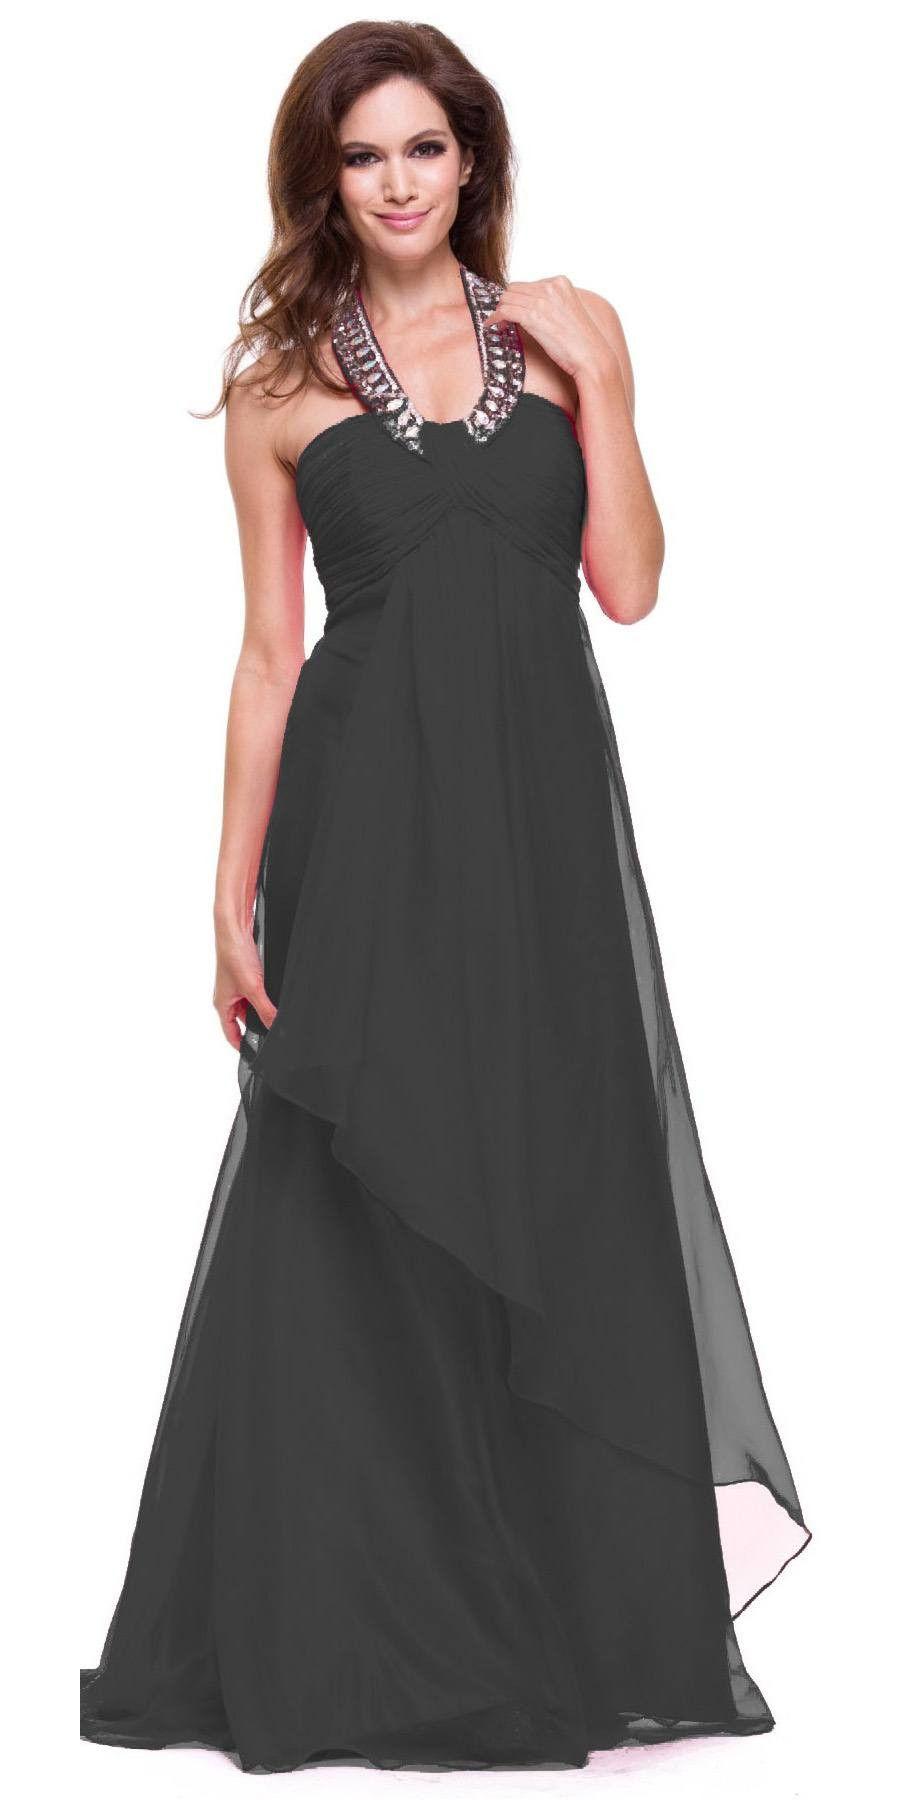 Halter Dress Corporate Event Long Soft Chiffon Empire Waist